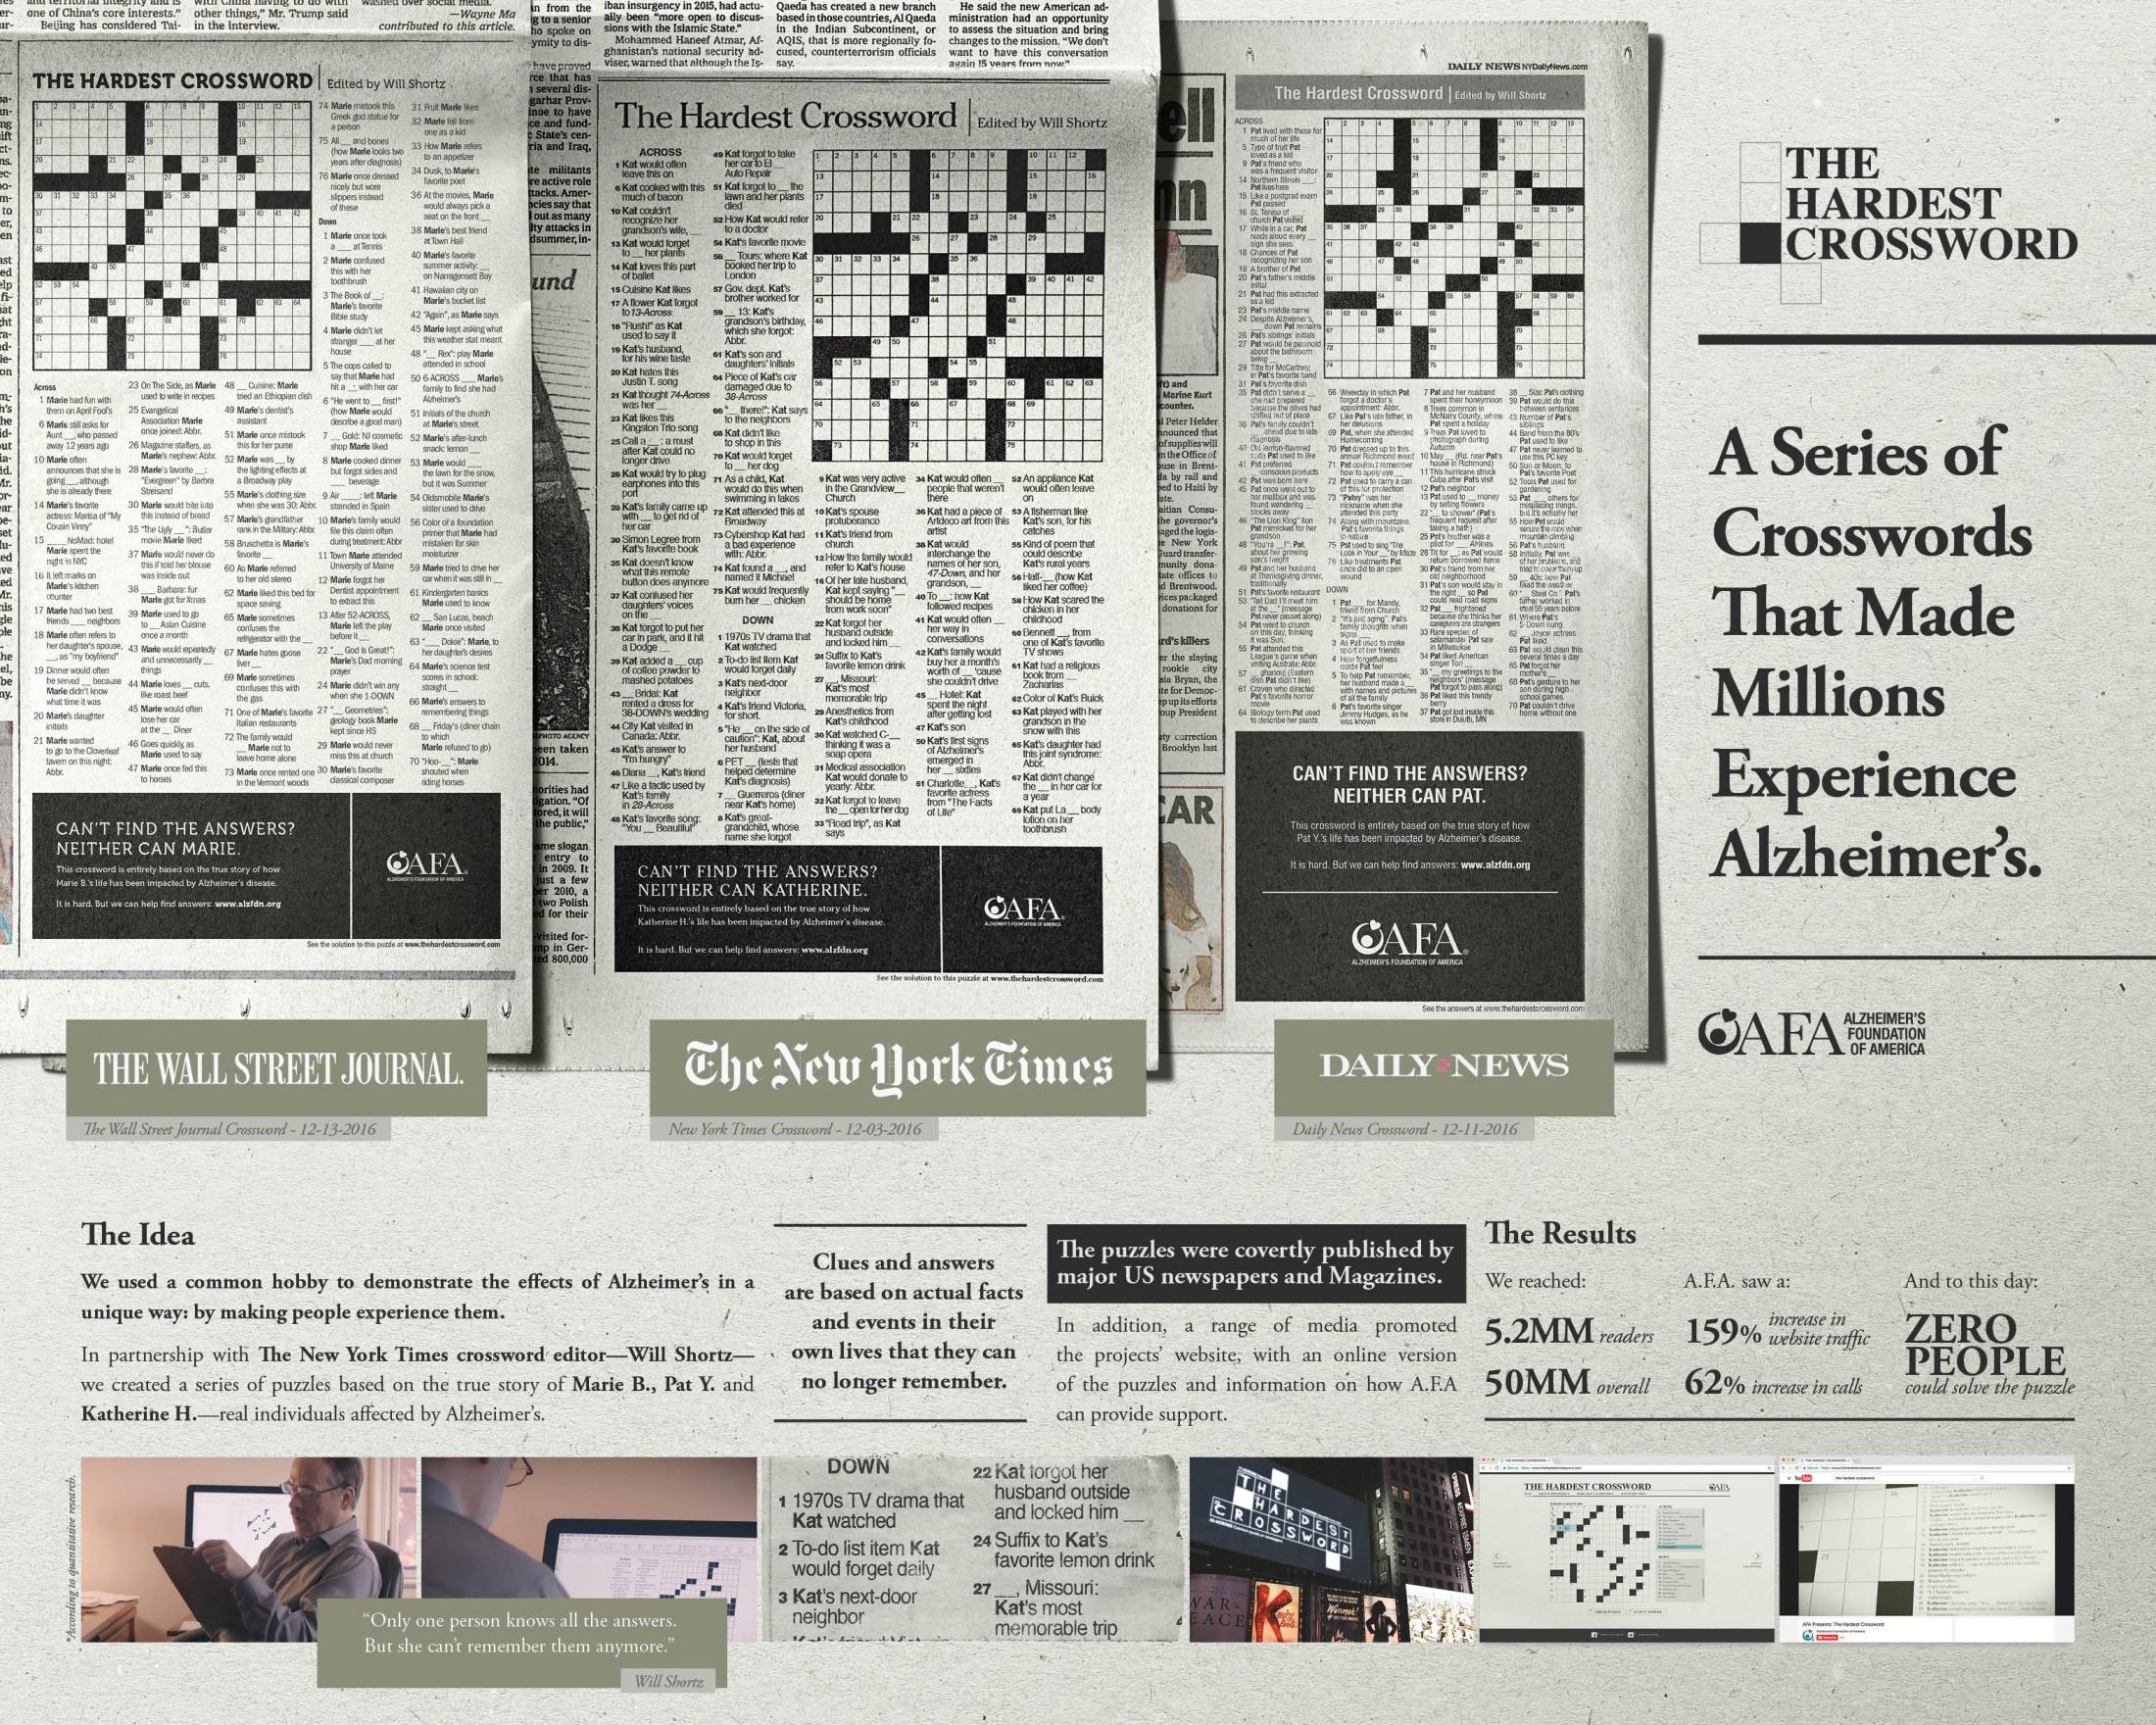 Thumbnail for The Hardest Crossword